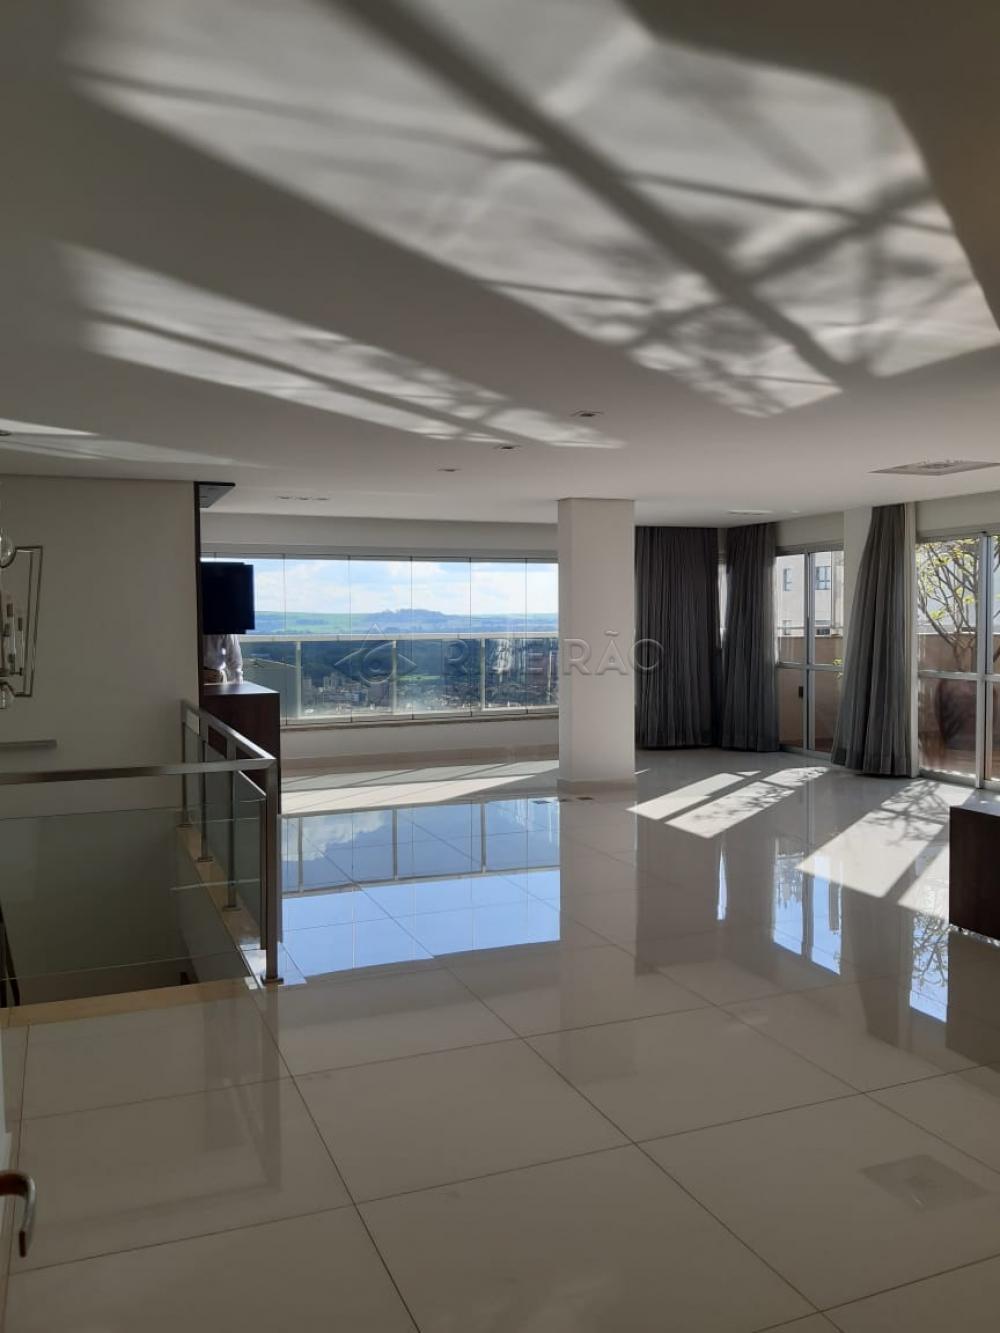 Comprar Apartamento / Cobertura em Ribeirão Preto R$ 1.900.000,00 - Foto 16